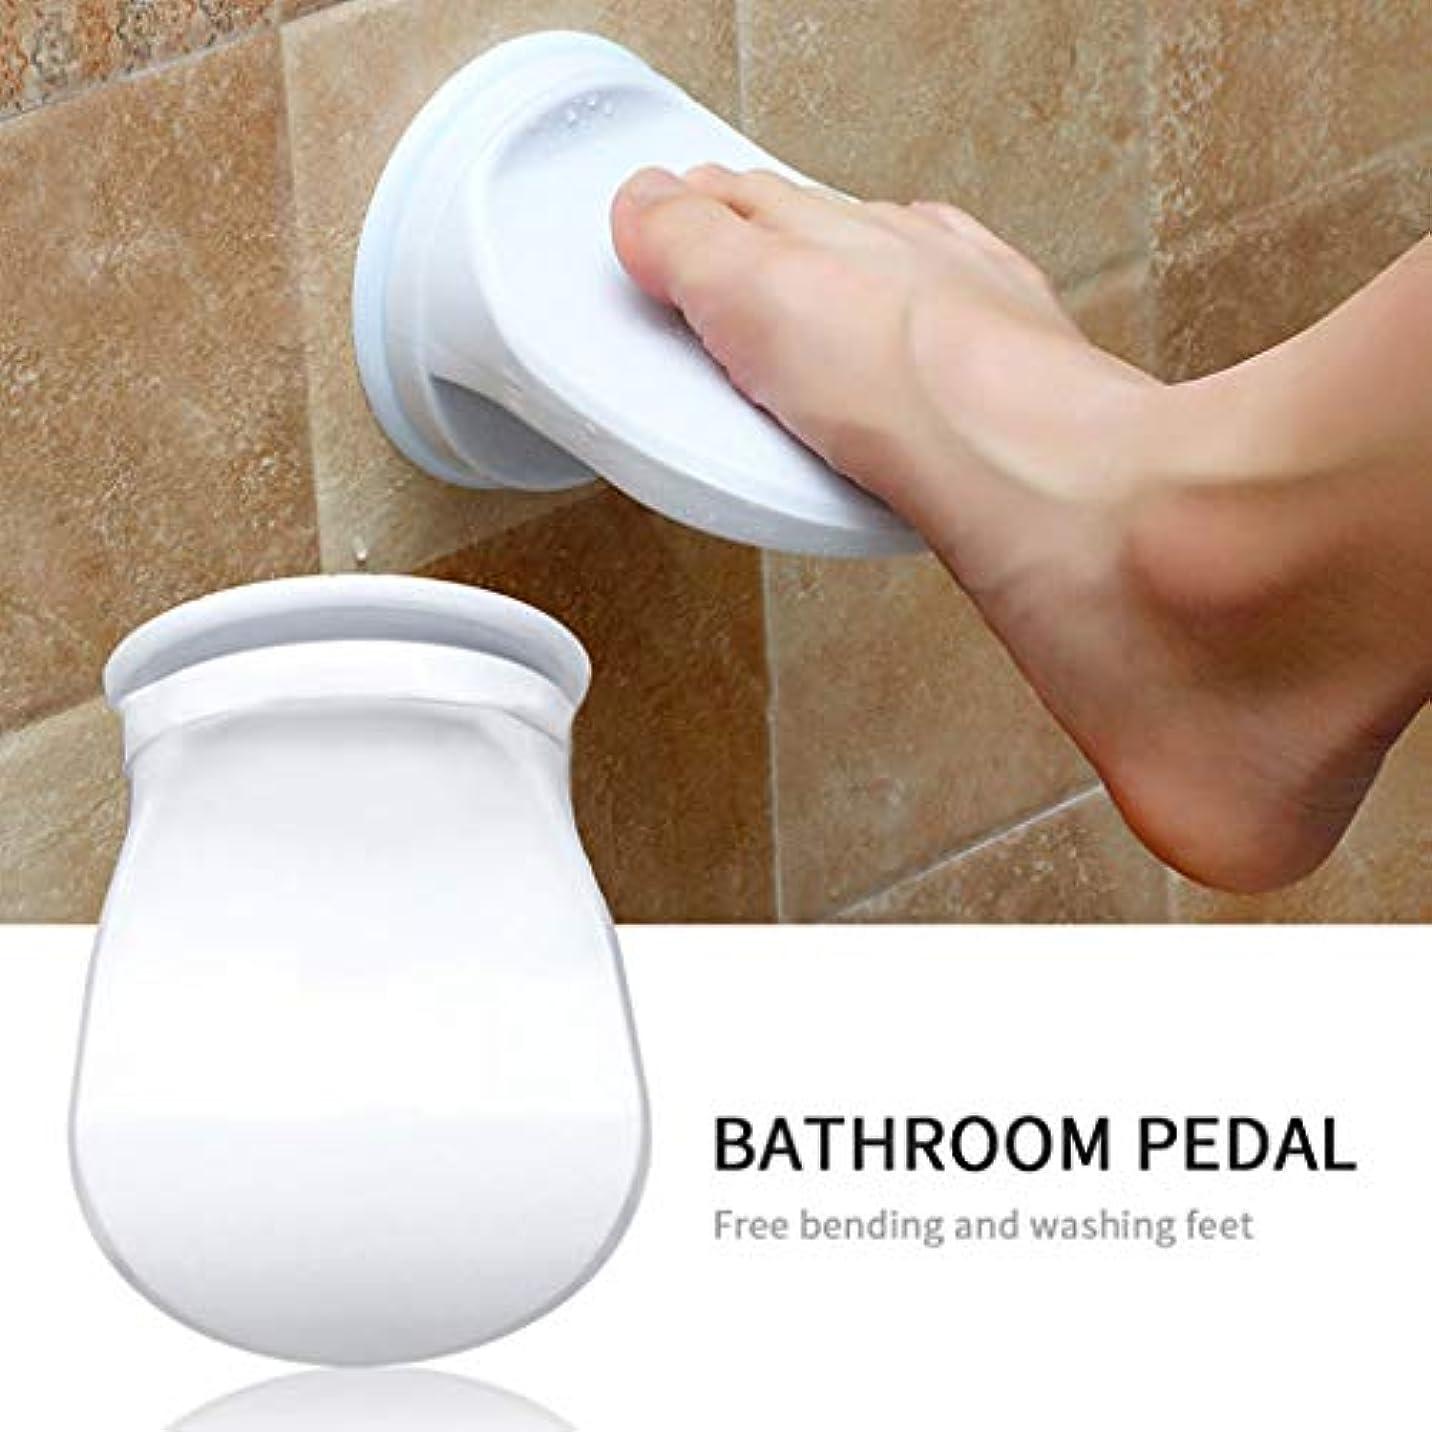 スプレー暗くする文明化するシャワーフットレスト,Tichan 洗濯シェービングレッグバスルームシャワー節約フットレストノンスリップ吸引カップ